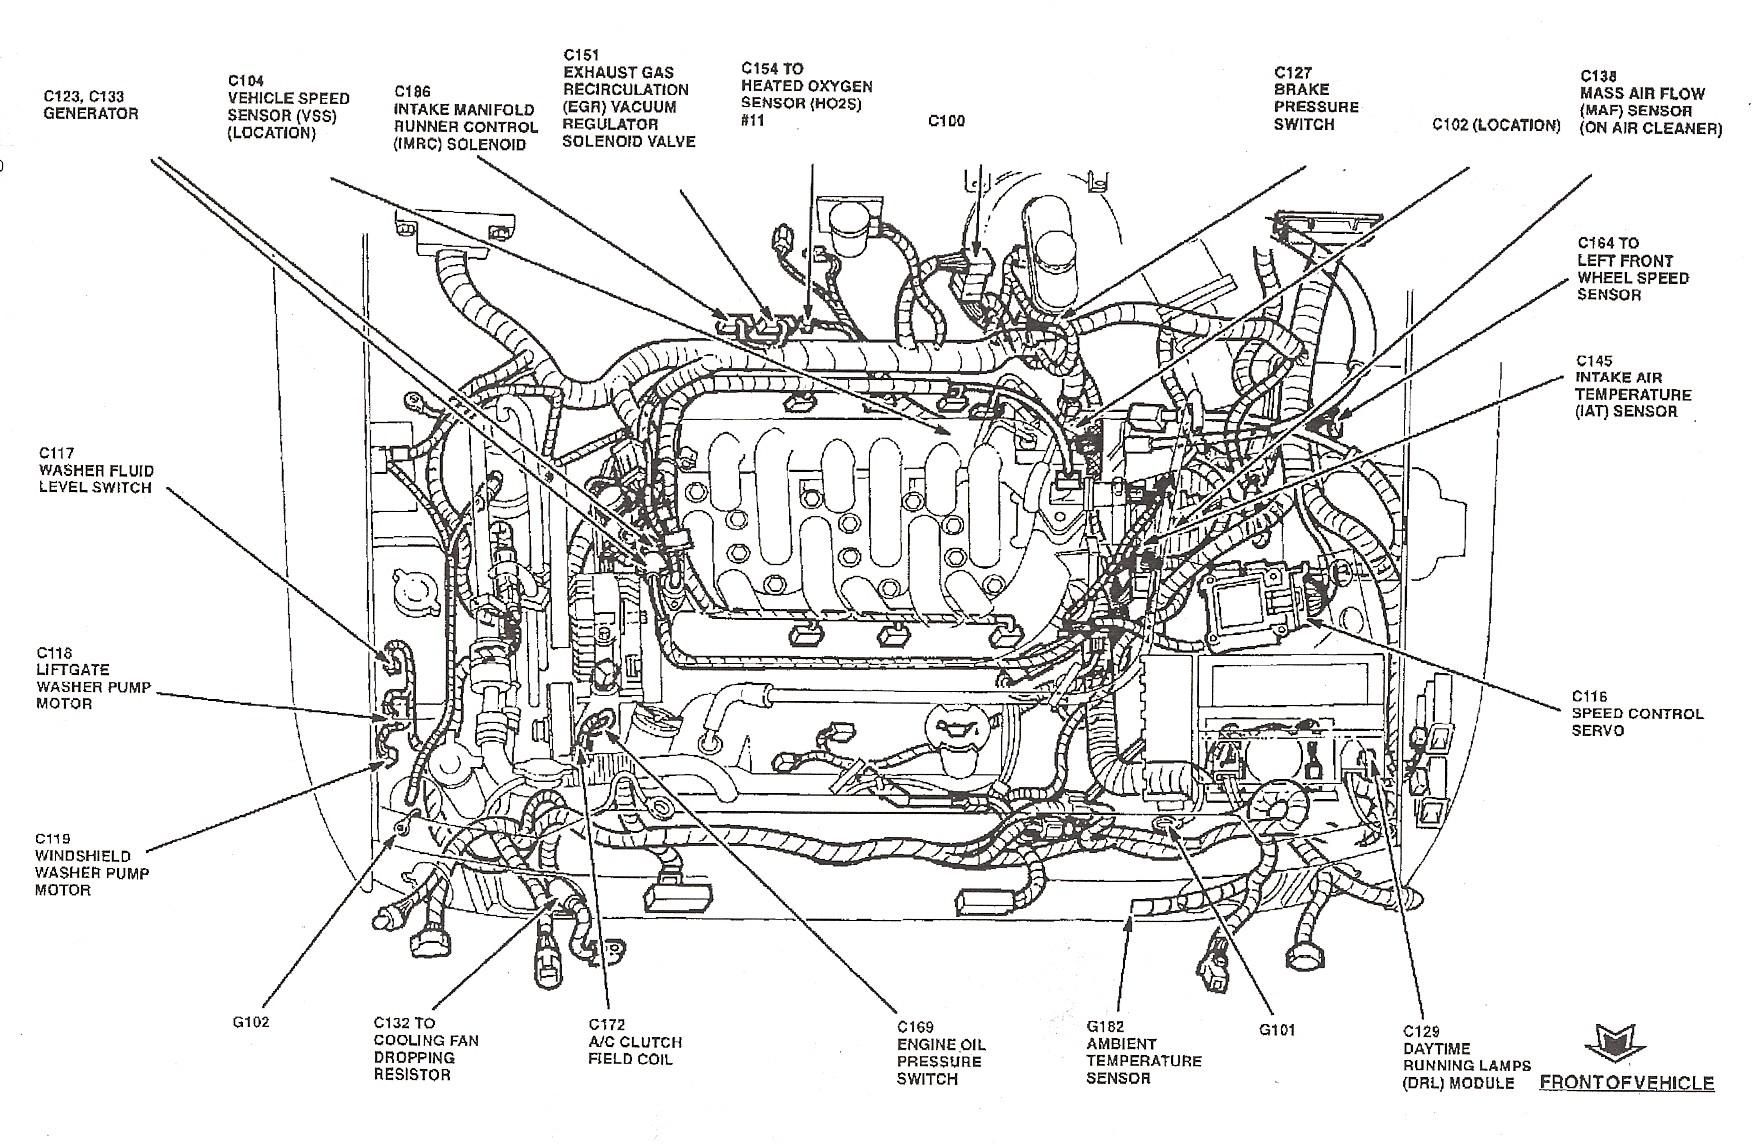 1998 ford Taurus Engine Diagram 2000 ford Windstar Wiring Diagram Blurts Of 1998 ford Taurus Engine Diagram